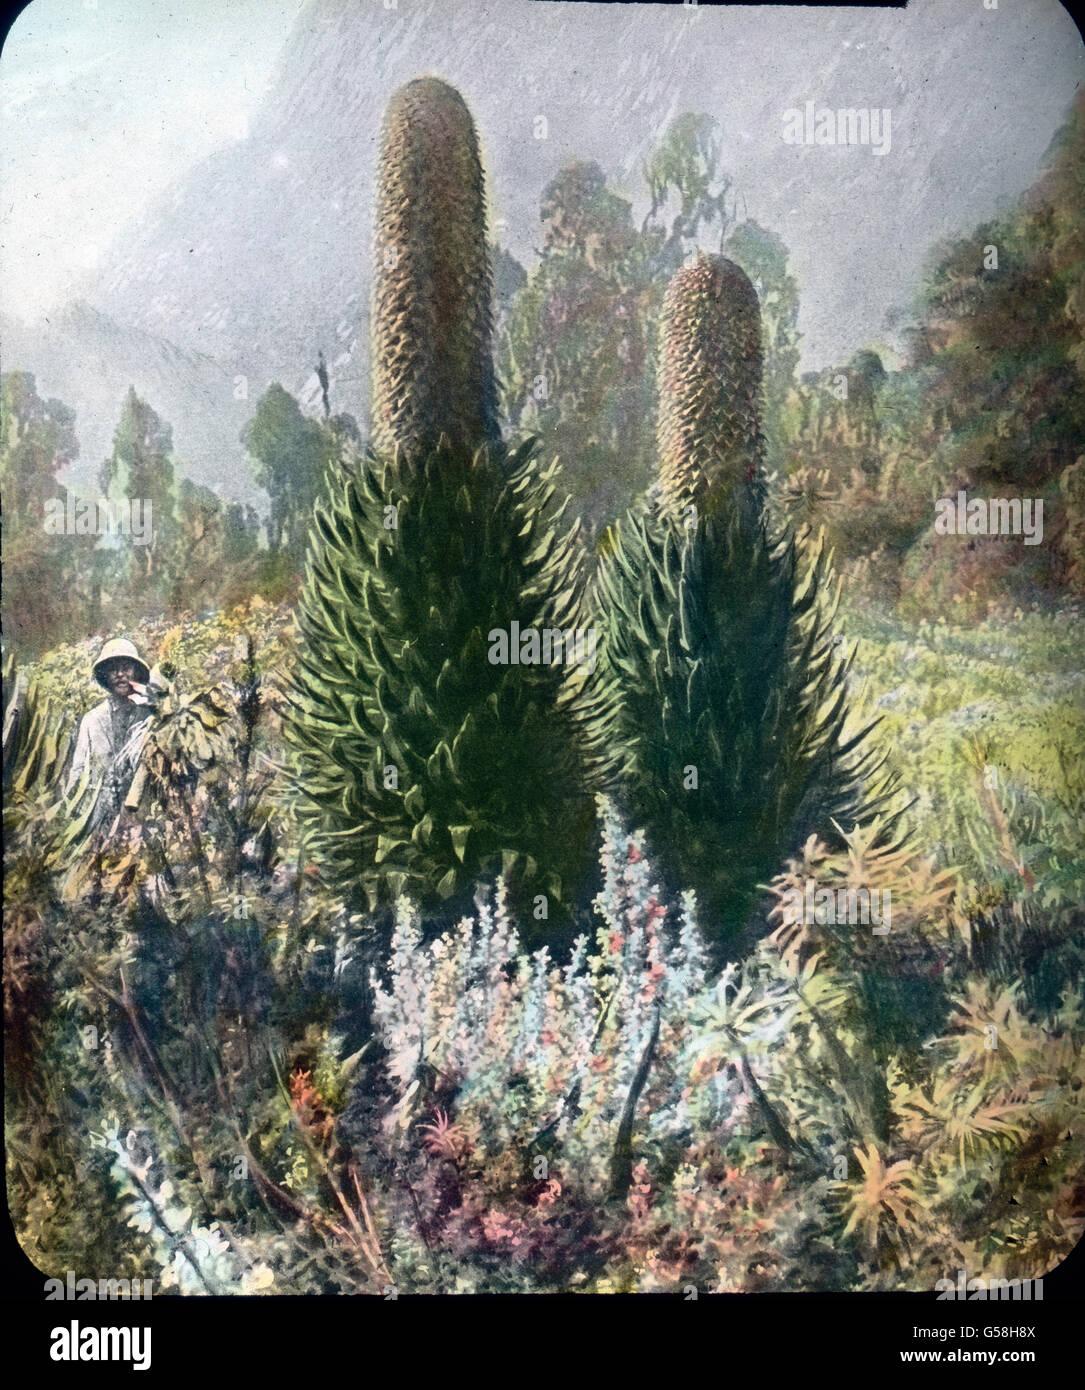 En seinem Ein Tropenforscher Element mit einer Staudenpflanze. India, Asia, viajes, selva, historia, histórico, Imagen De Stock